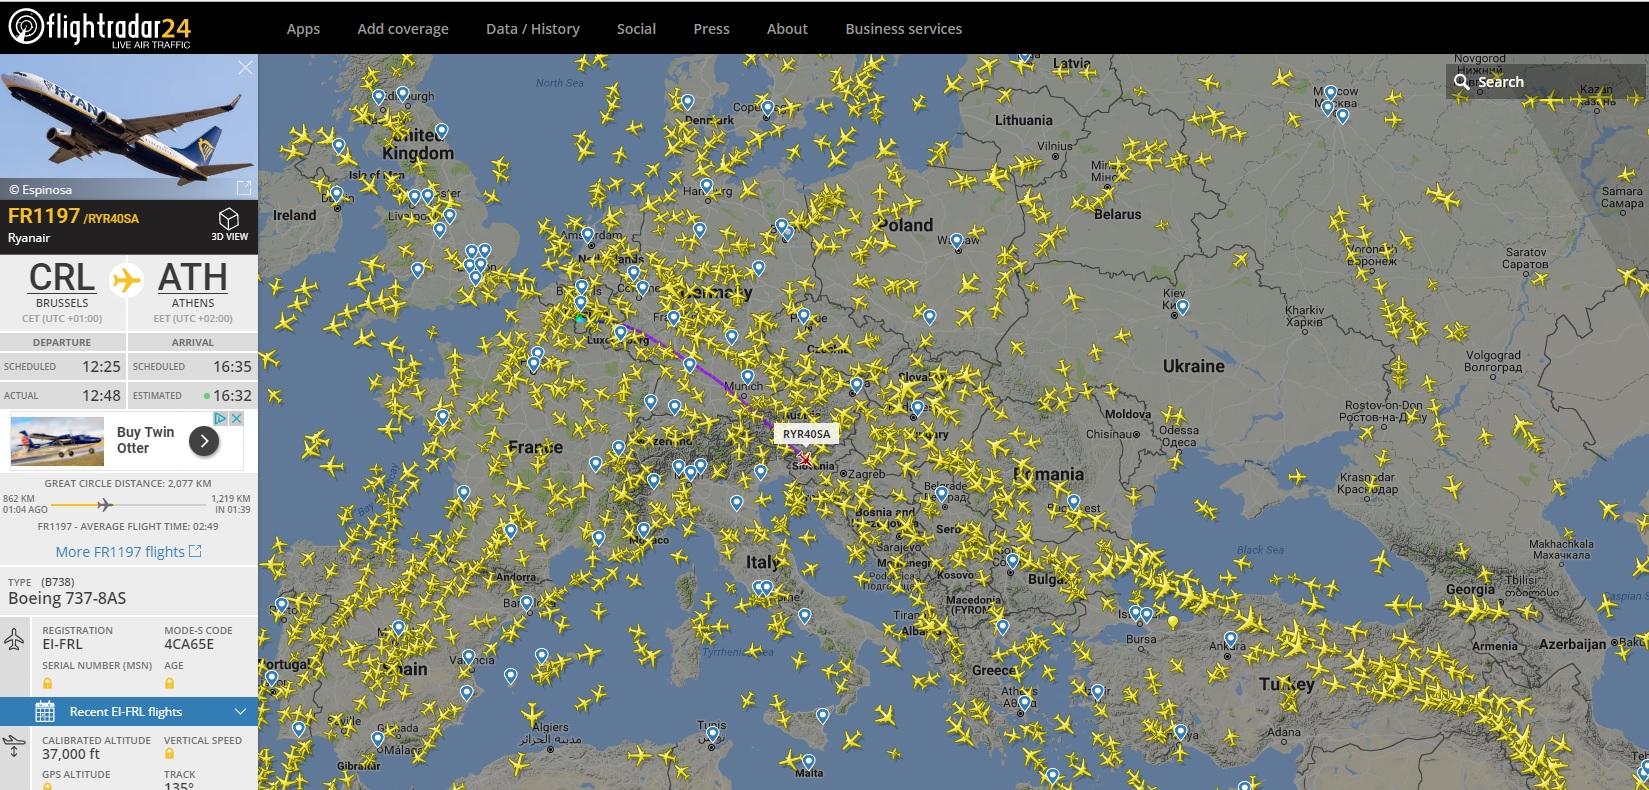 Flightradar24 Web Stranica Gdje Mozete Pratiti Avio Letove Uzivo